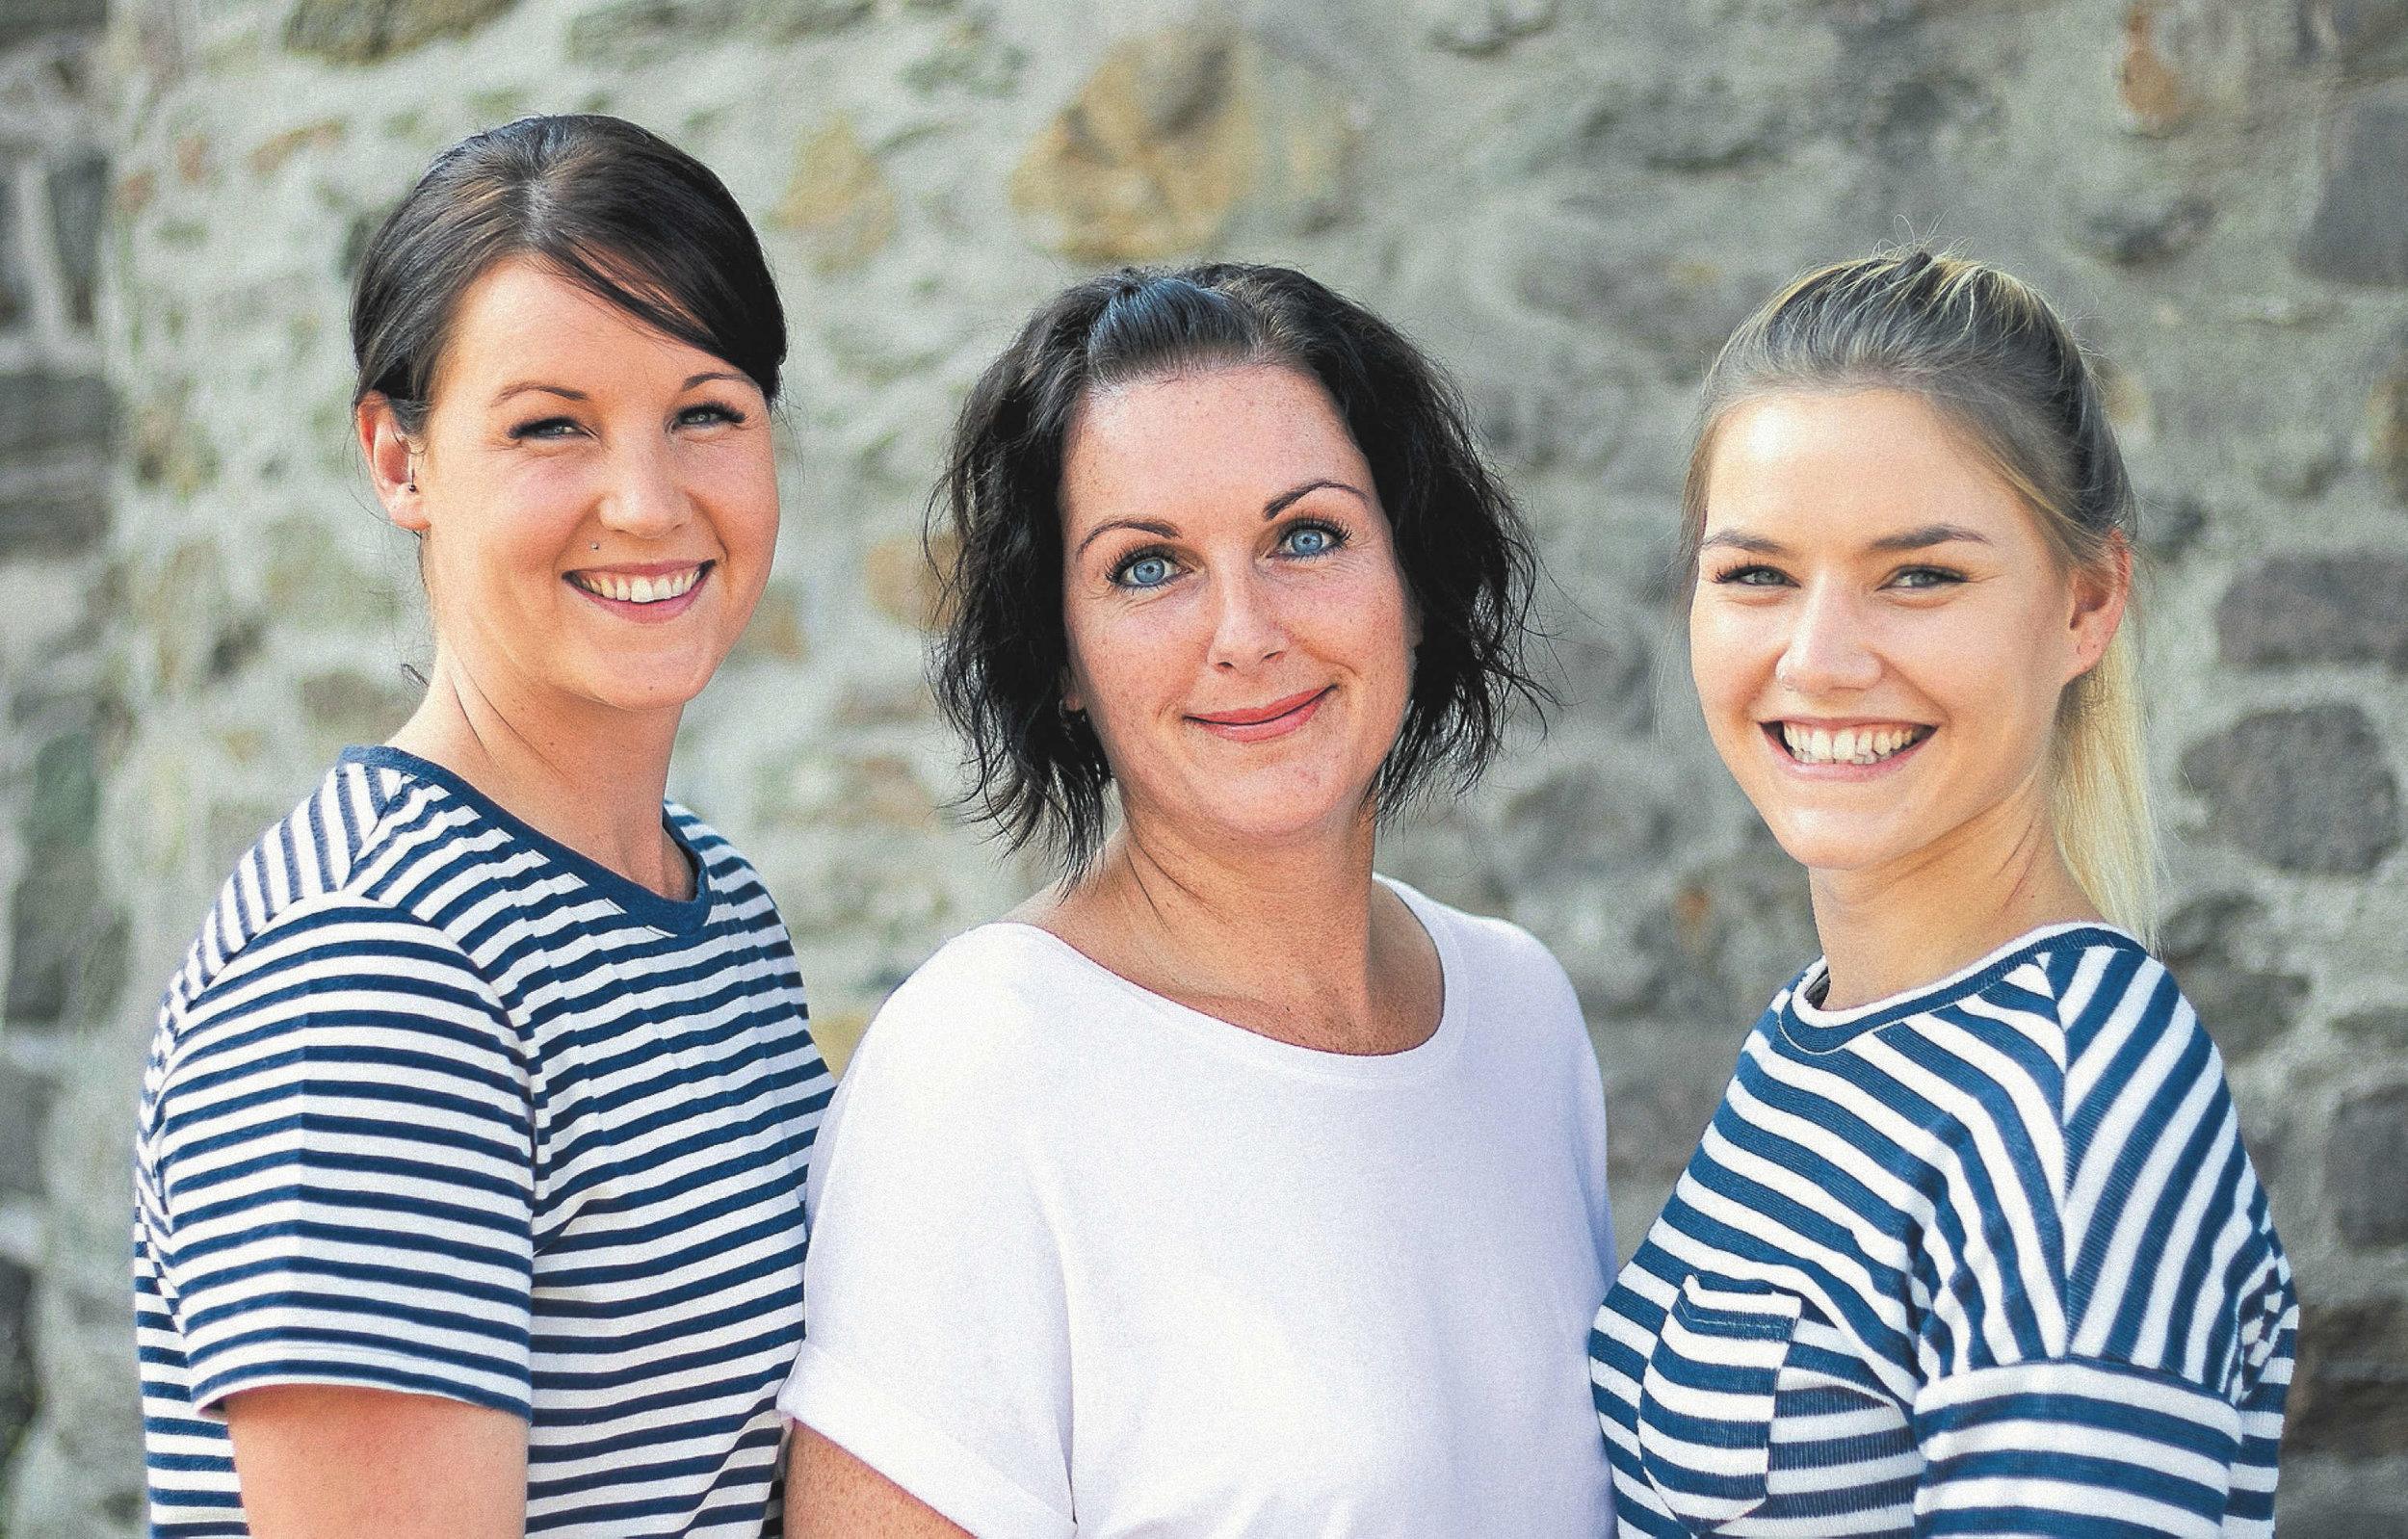 Mit ihren Mitarbeiterinnen Mariola Scheliga (mitte) und Selina Pfitzner (rechts) hat Daniela Elsner (links) das Fachzentrum zu einer Topadresse für Schönheit und Wohlbefinden ausgebaut .     Foto: pr